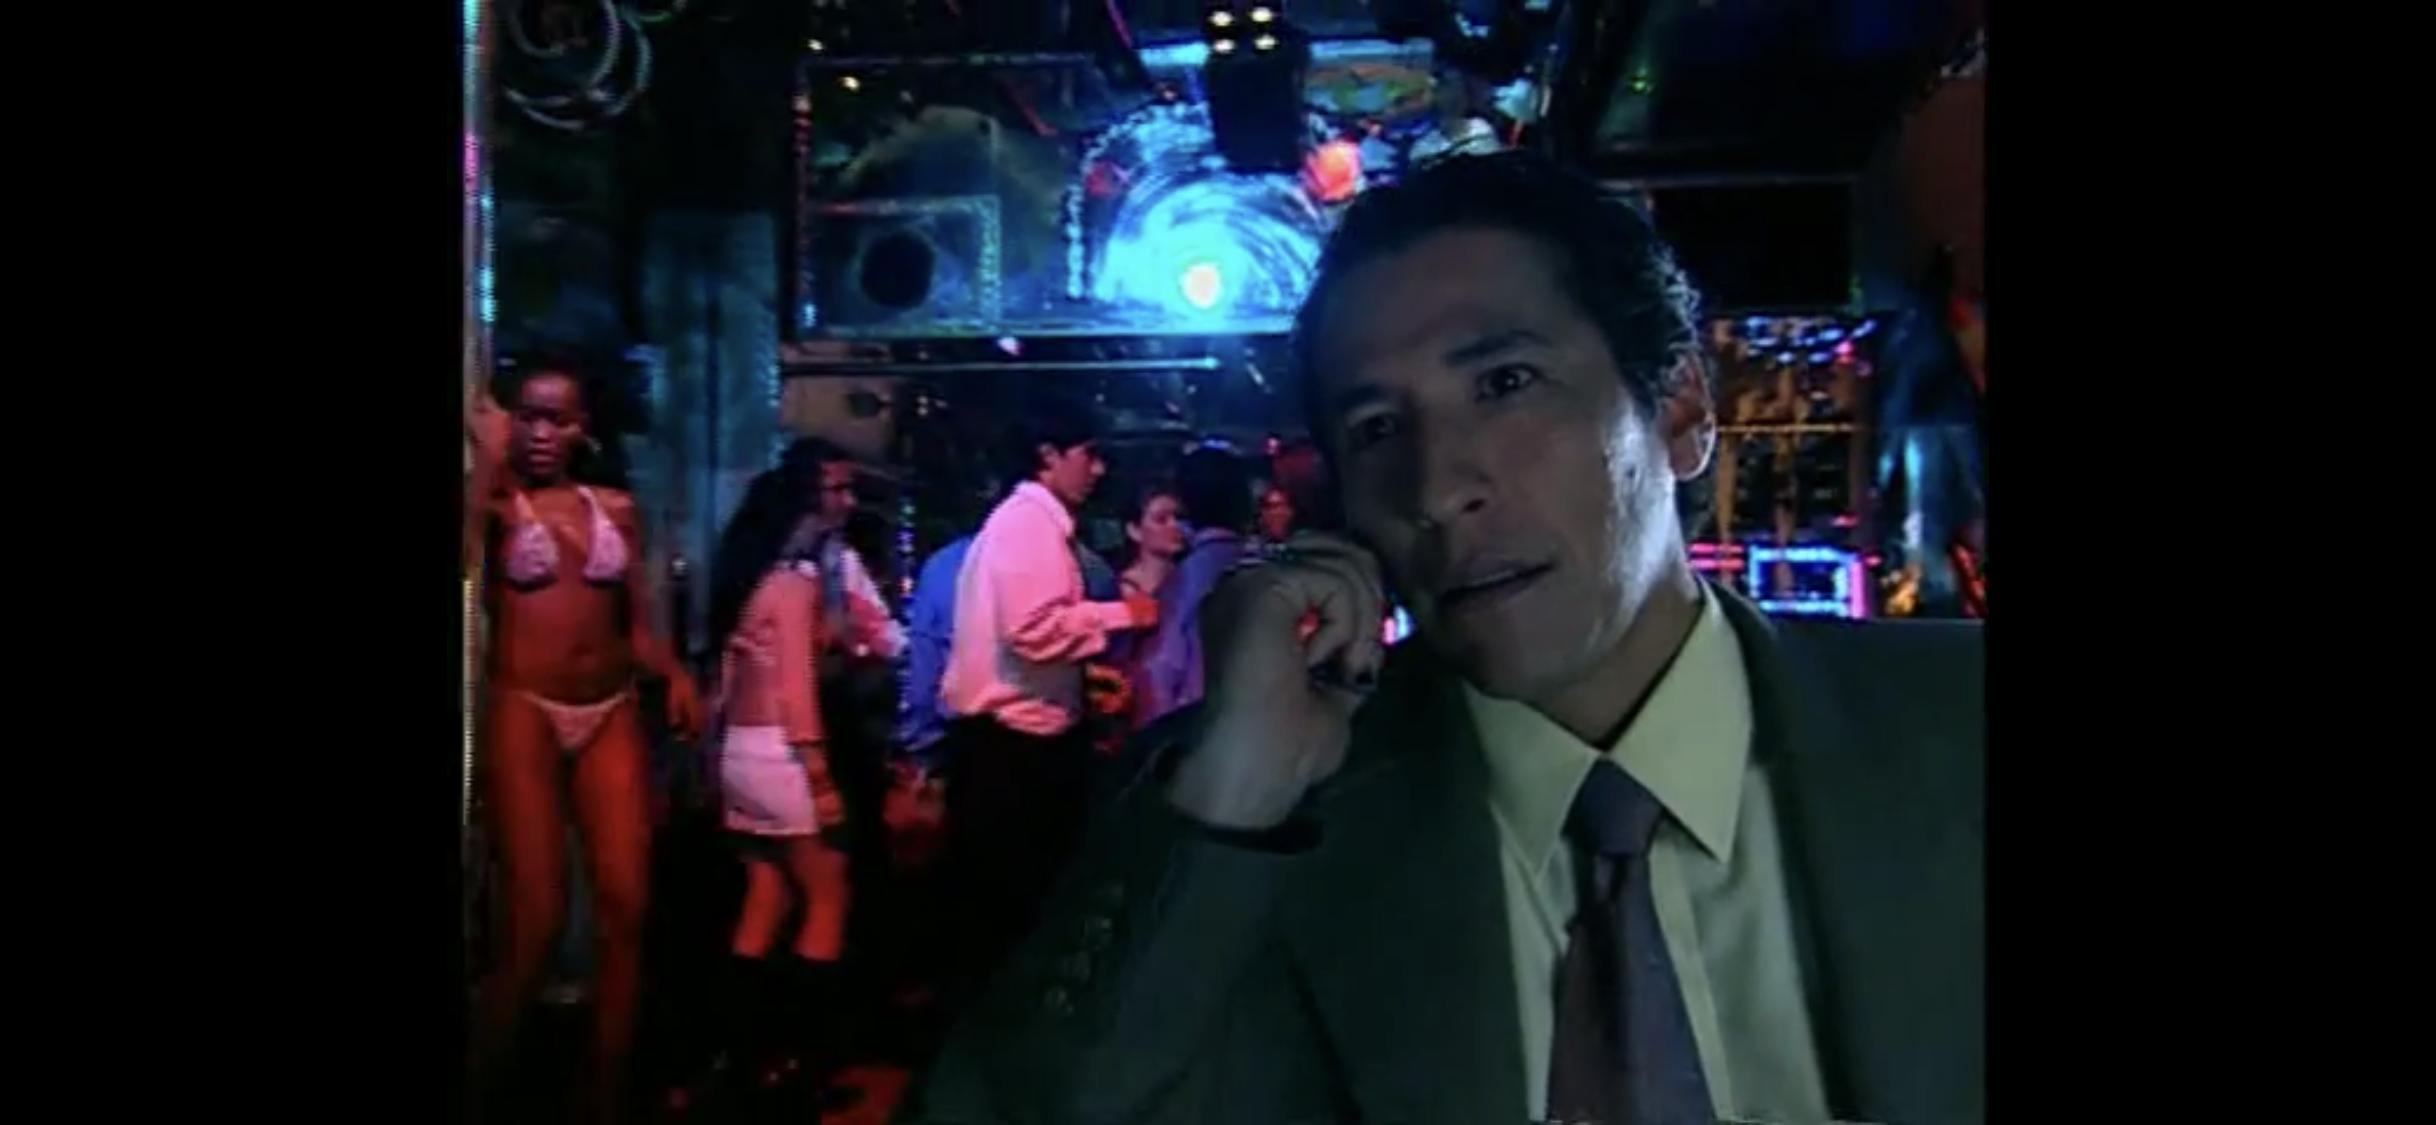 Elkin Díaz in Juegos prohibidos (2005)